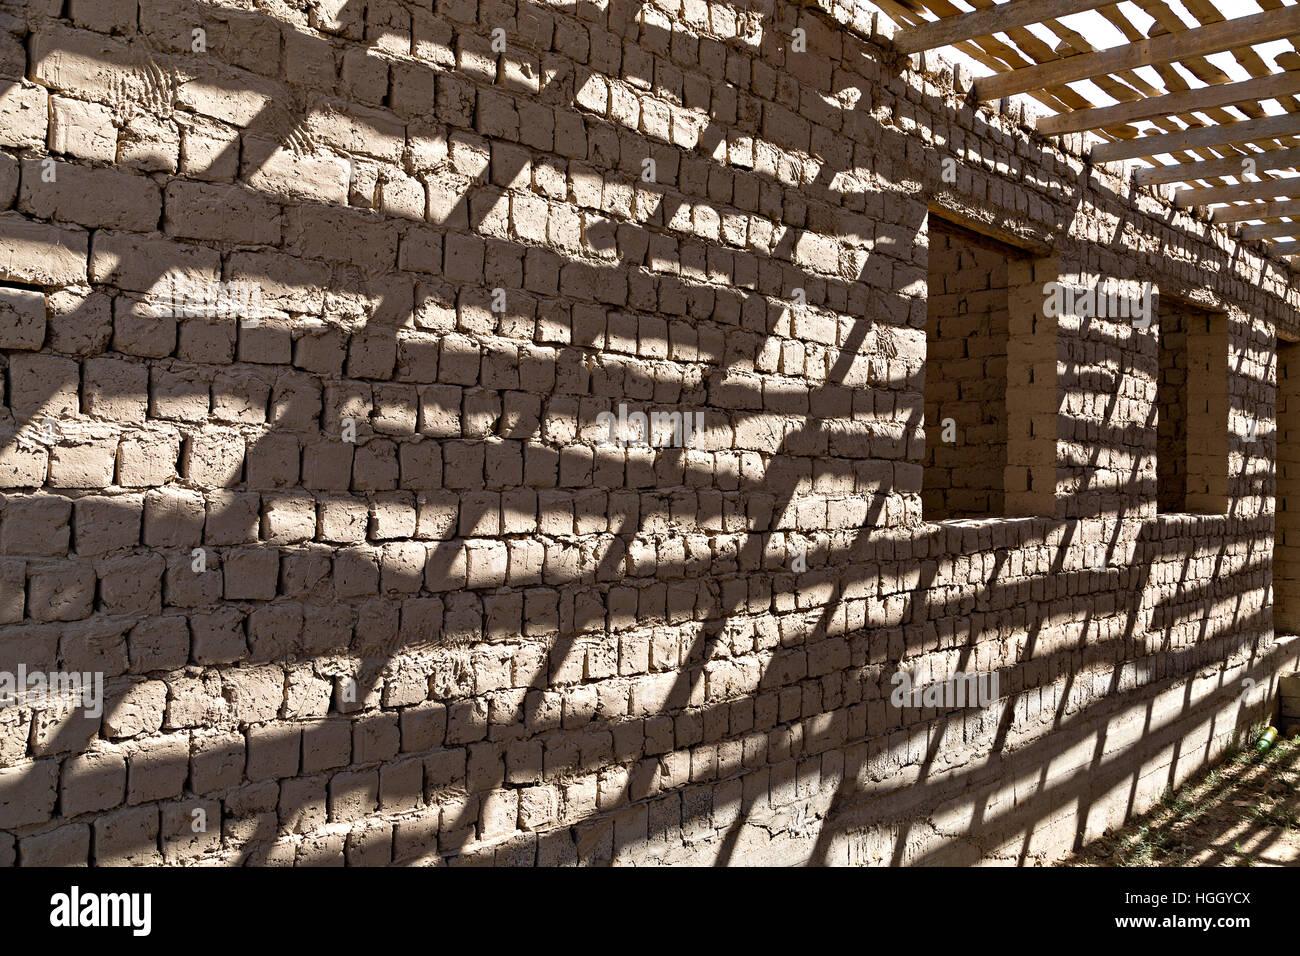 Shadows on a mud brick wall. - Stock Image